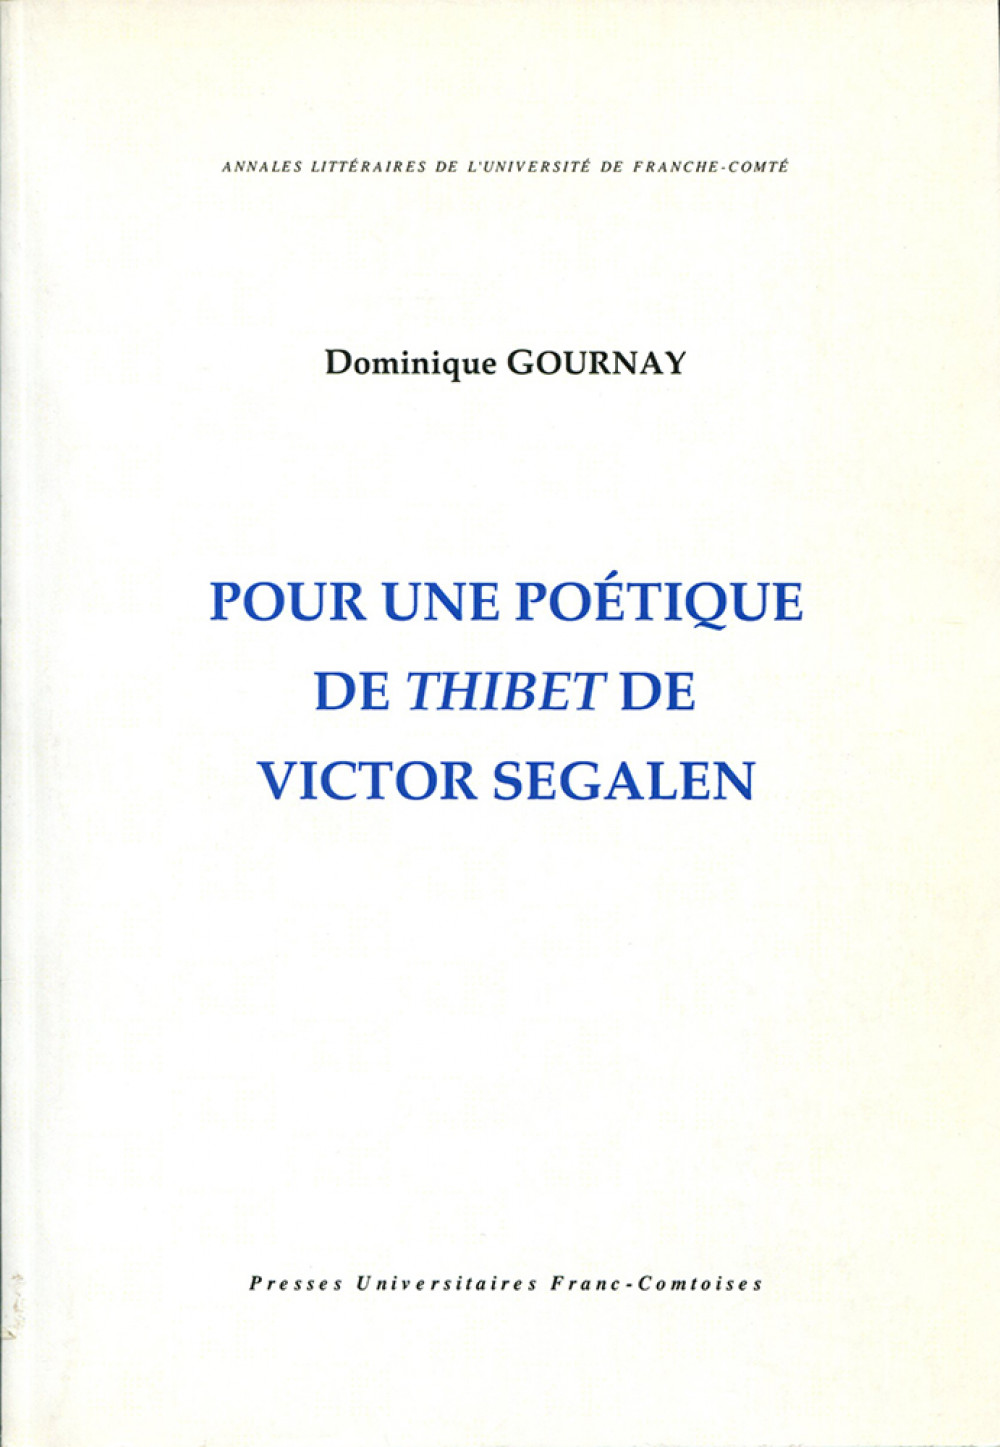 Pour une poétique de <i>Thibet</i> de Victor Segalen